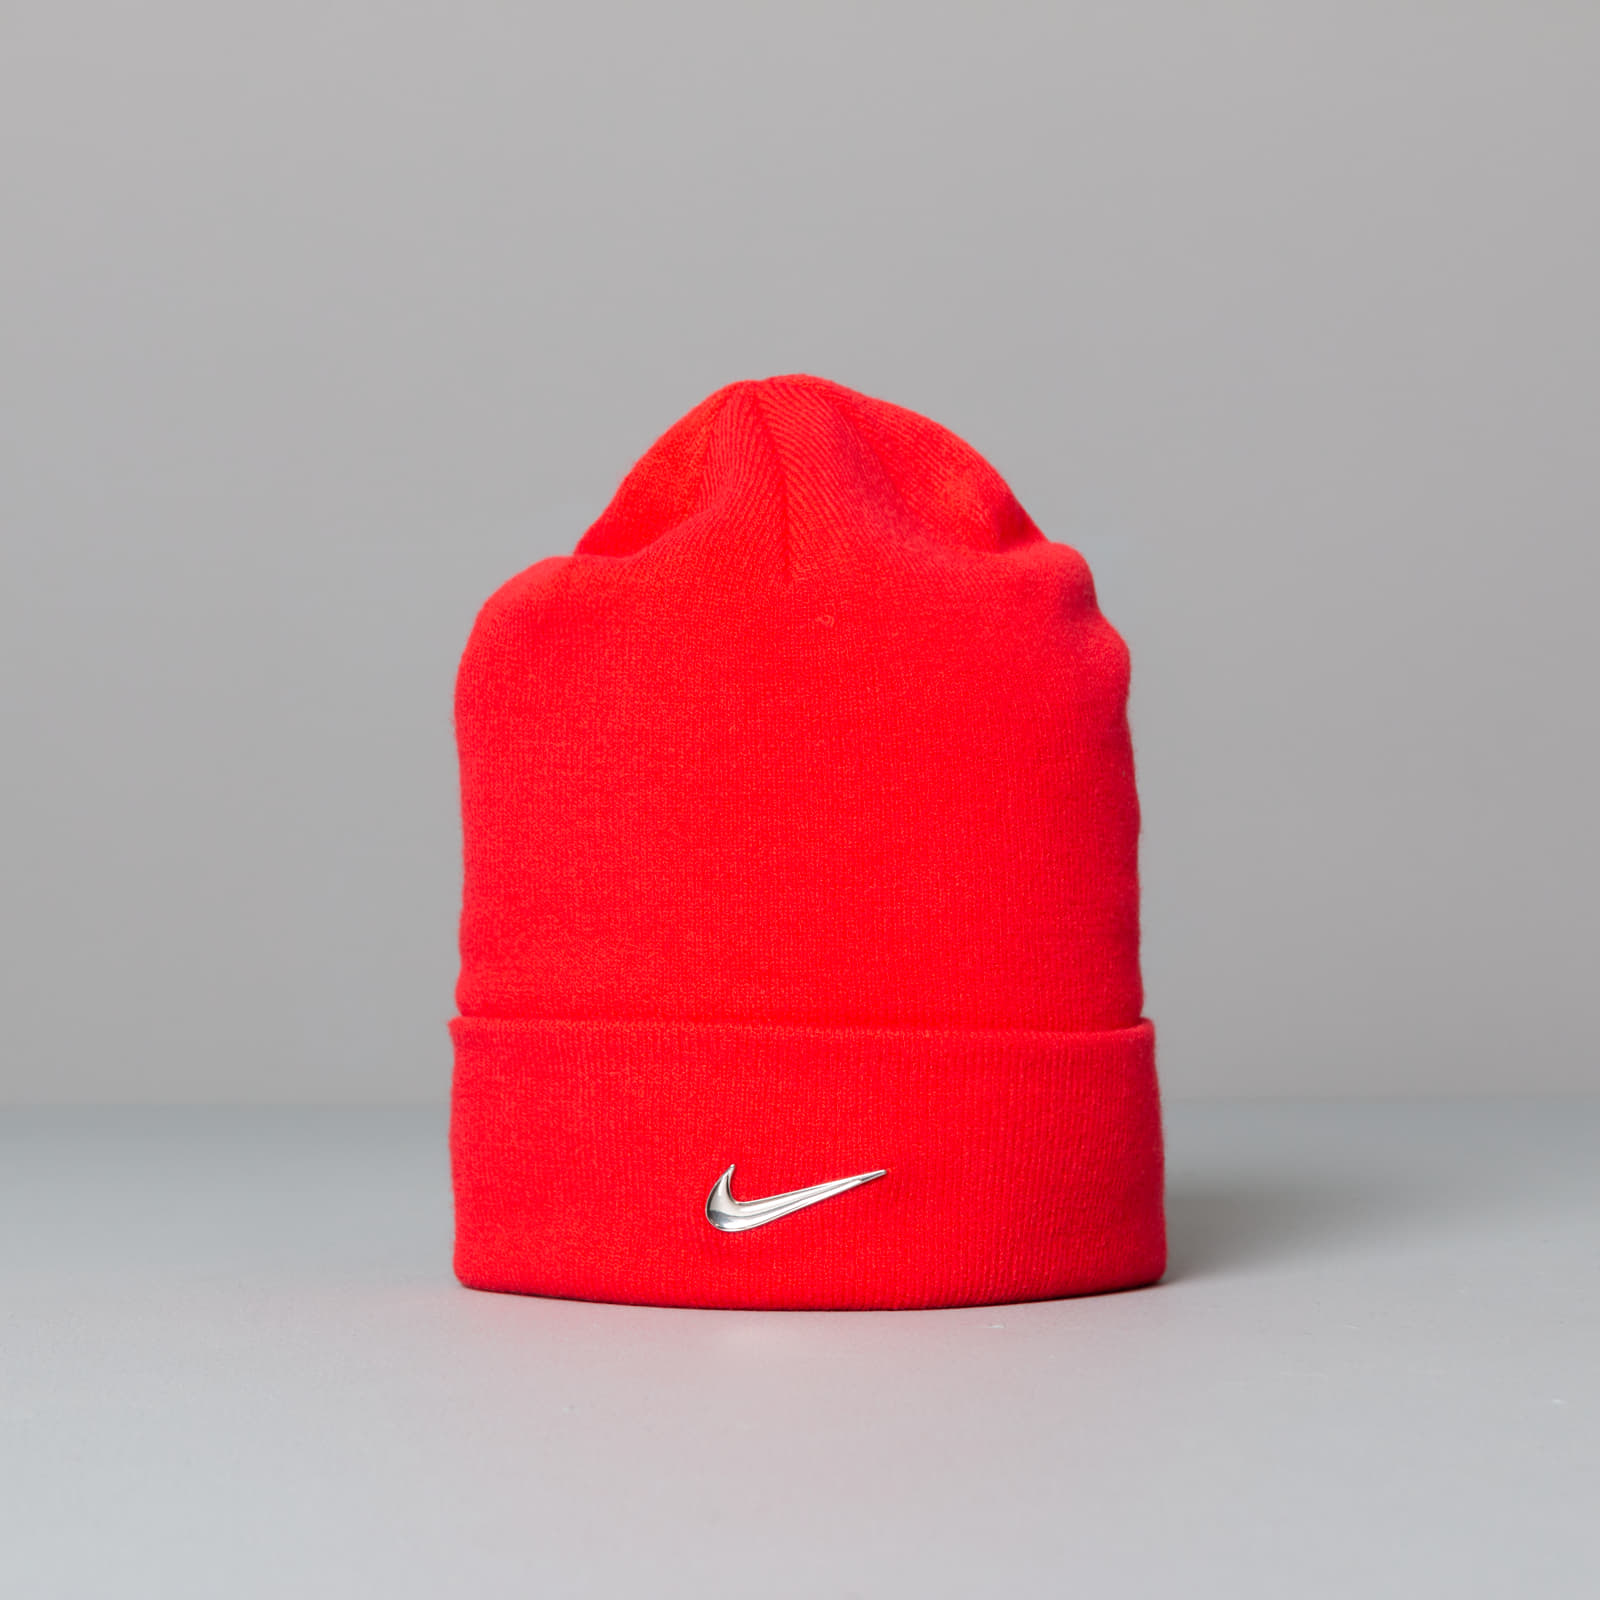 Nike Swoosh Beanie - Blue